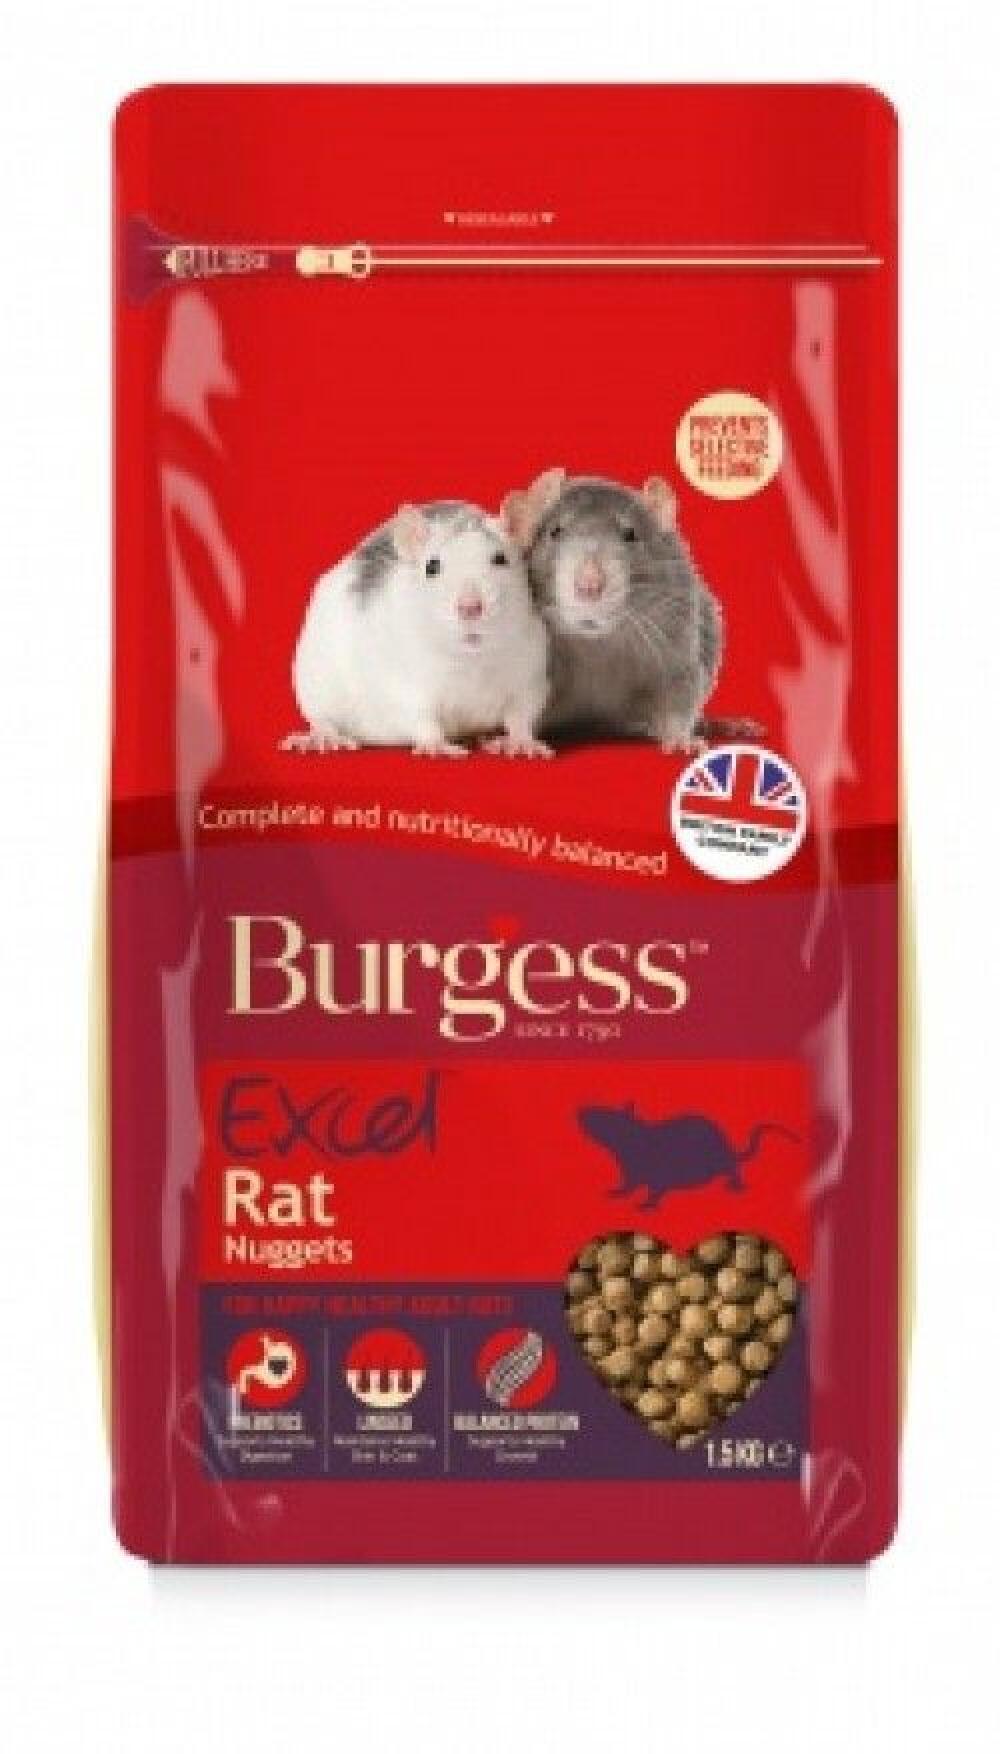 Burgess excel rotte 1,5kg